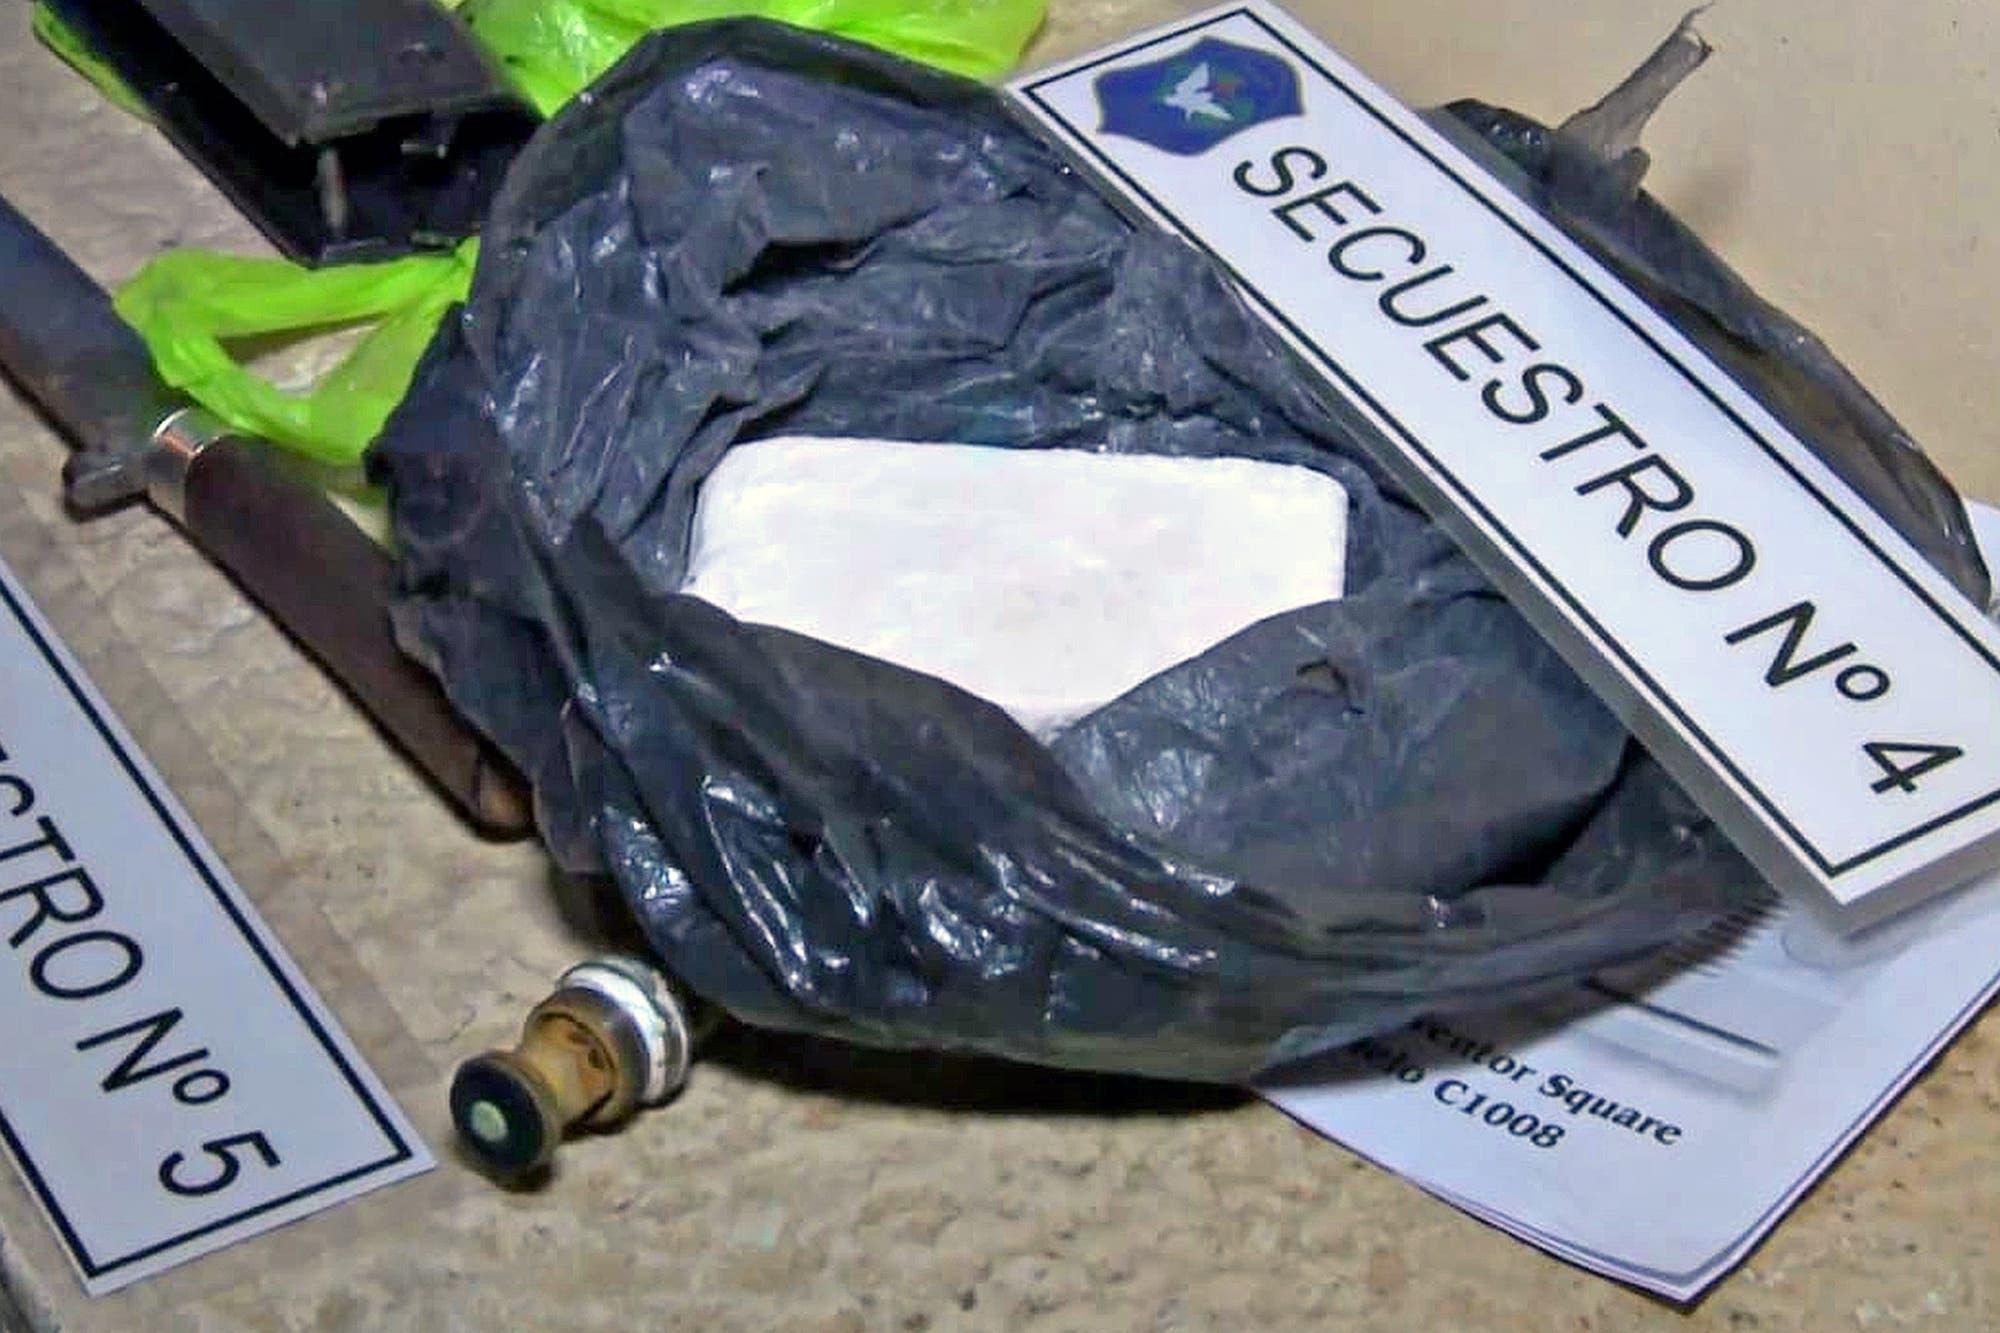 Escándalo en Ezeiza: cayó una banda narco comandada por el jefe de la barra brava de Tristán Suárez